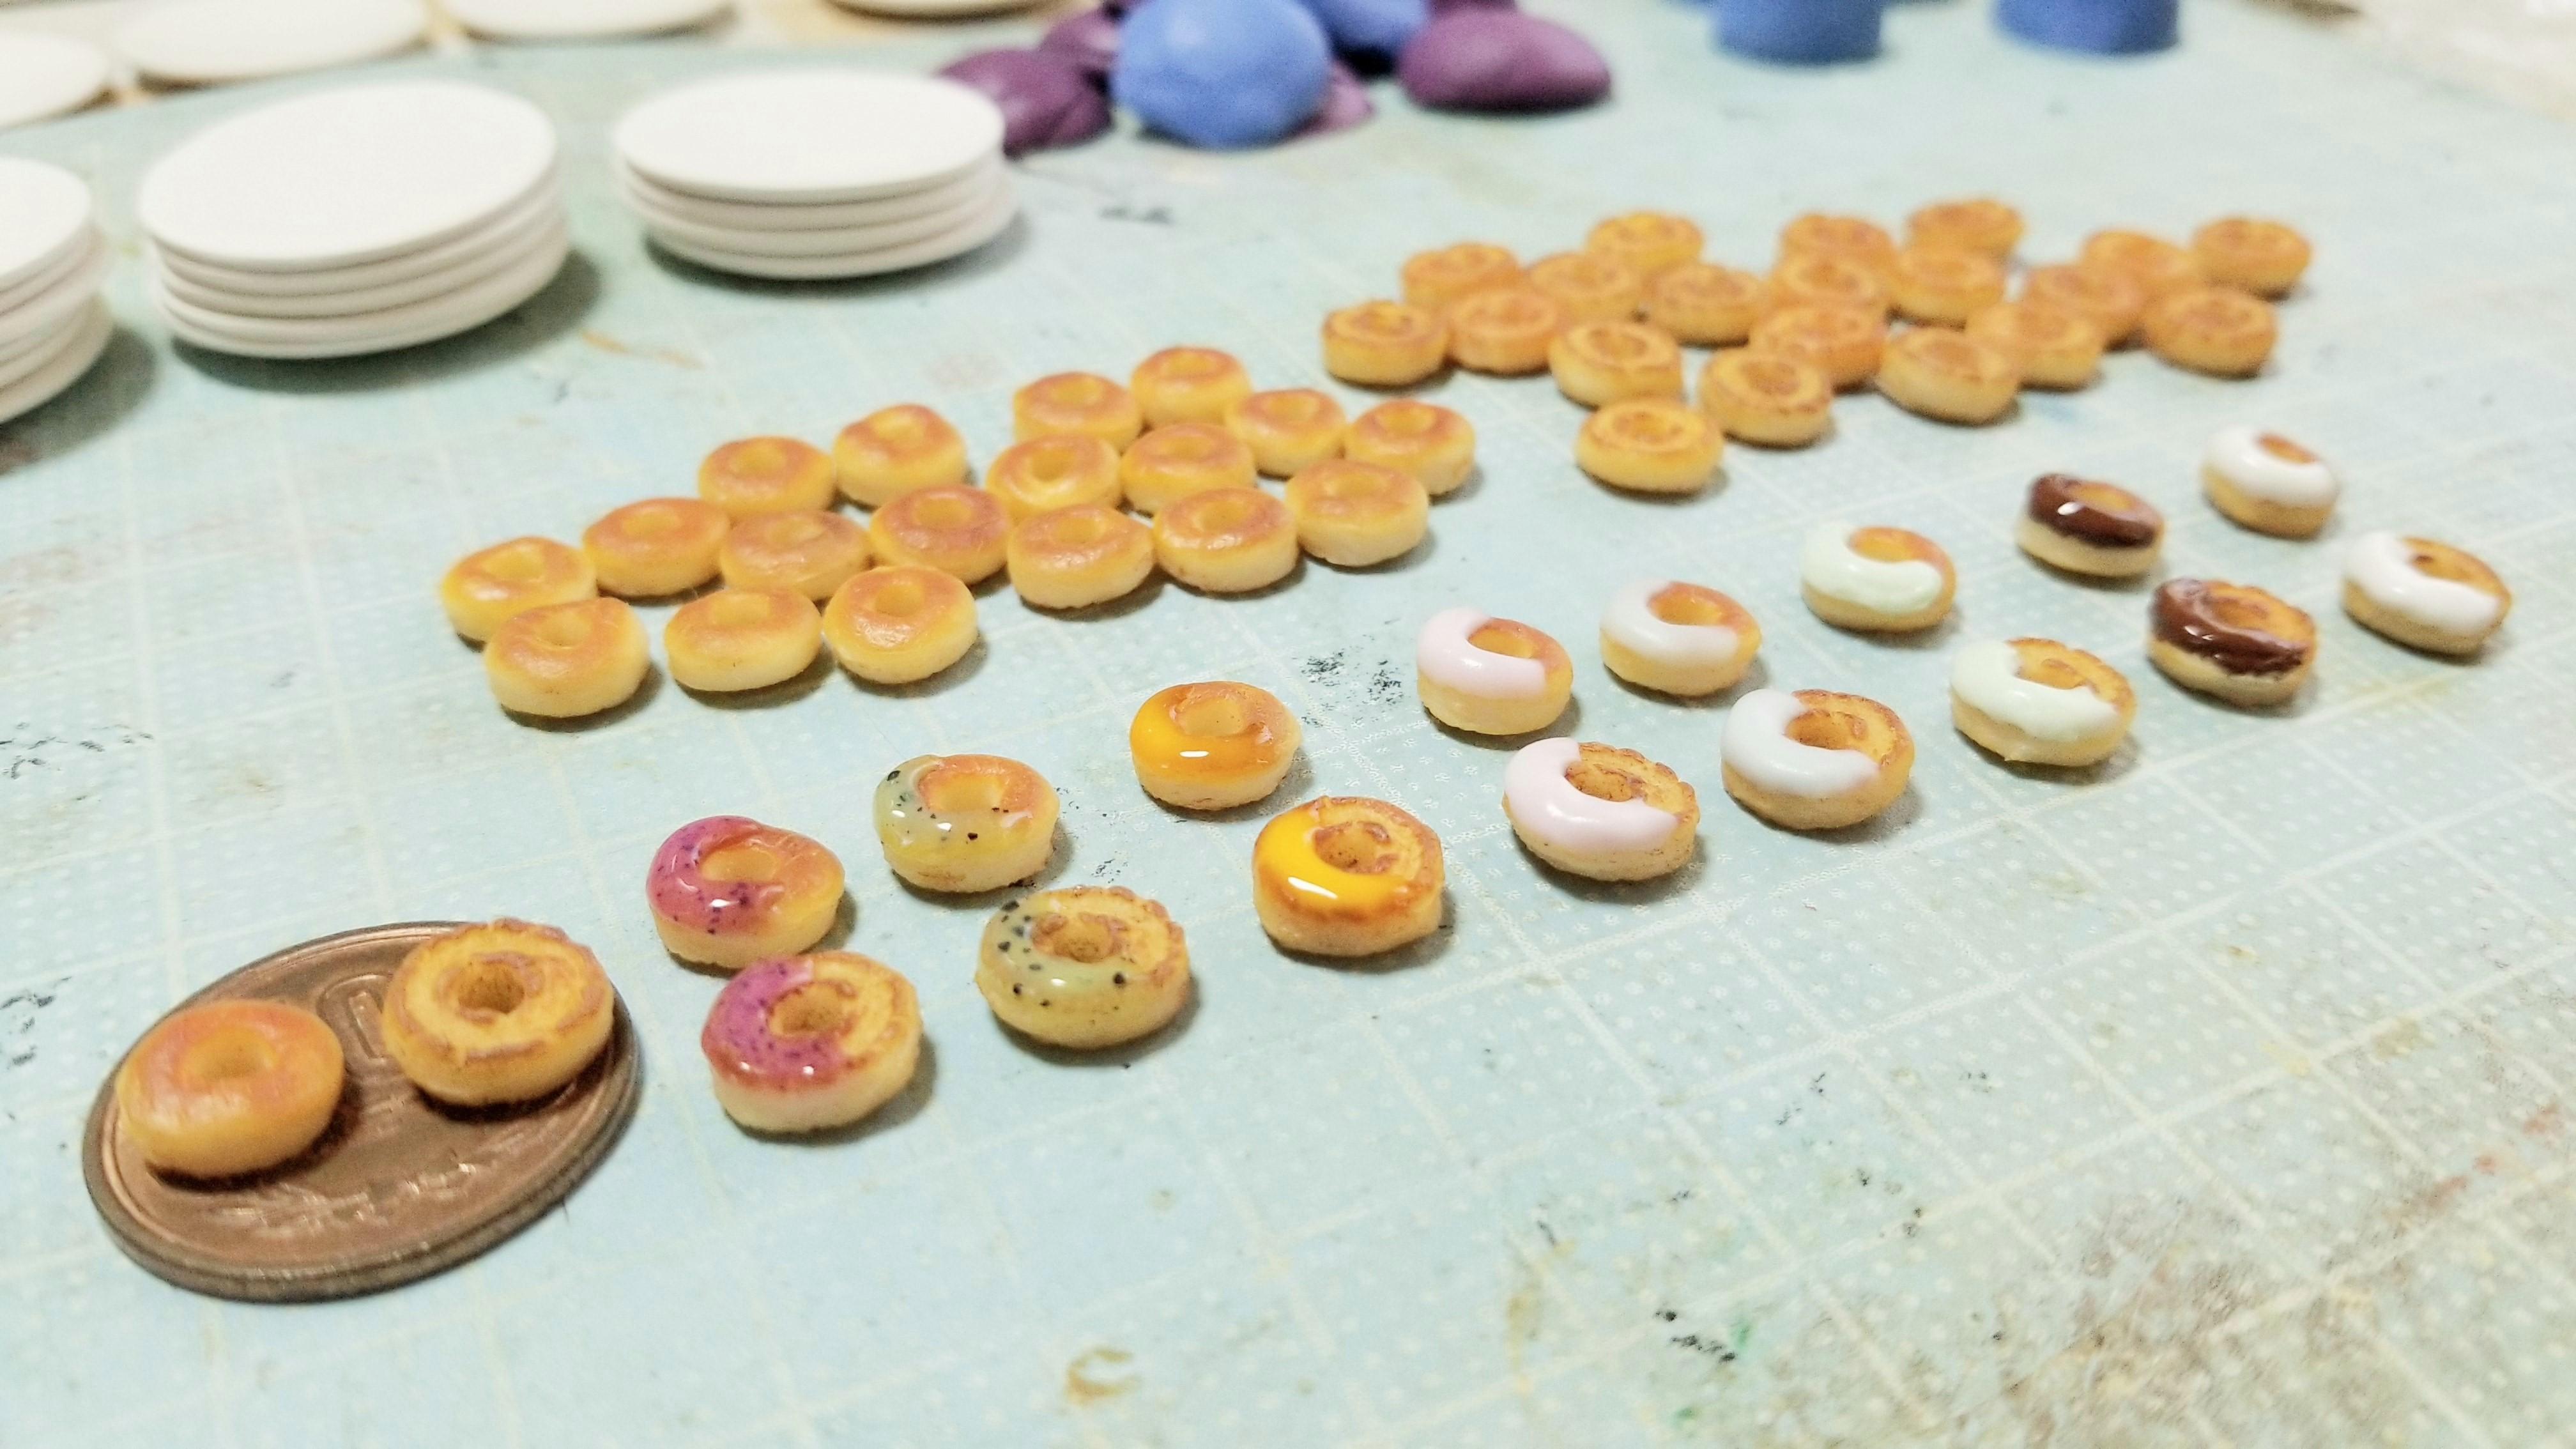 ミニチュア食品サンプル大好き可愛い手作りドーナツスイーツお菓子